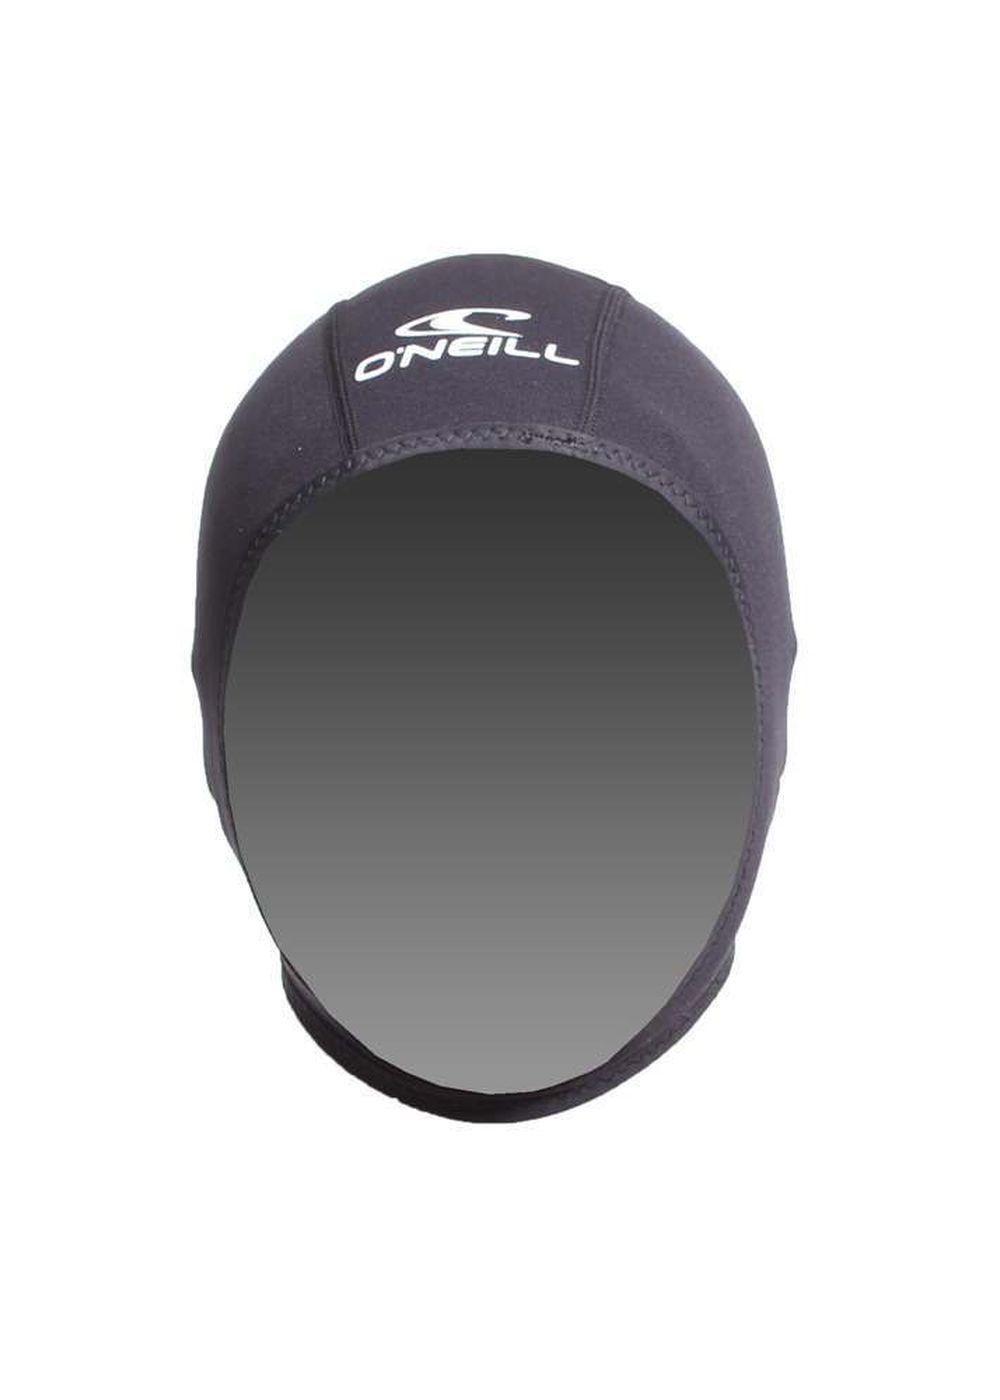 ONEILL 0.5MM THINSKIN WETSUIT HOOD